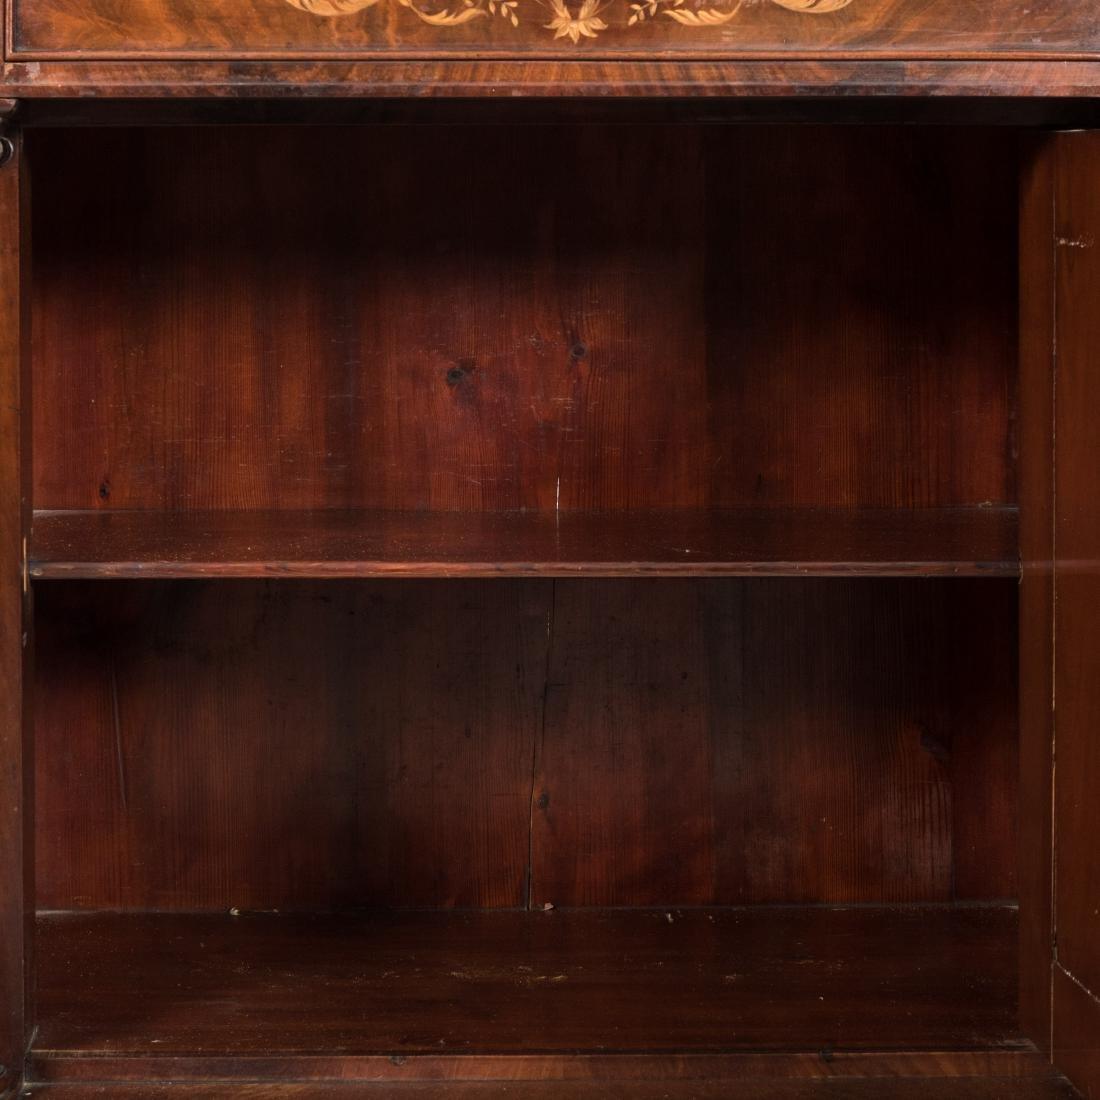 Inlaid Mahogany Antique Cabinet - 5